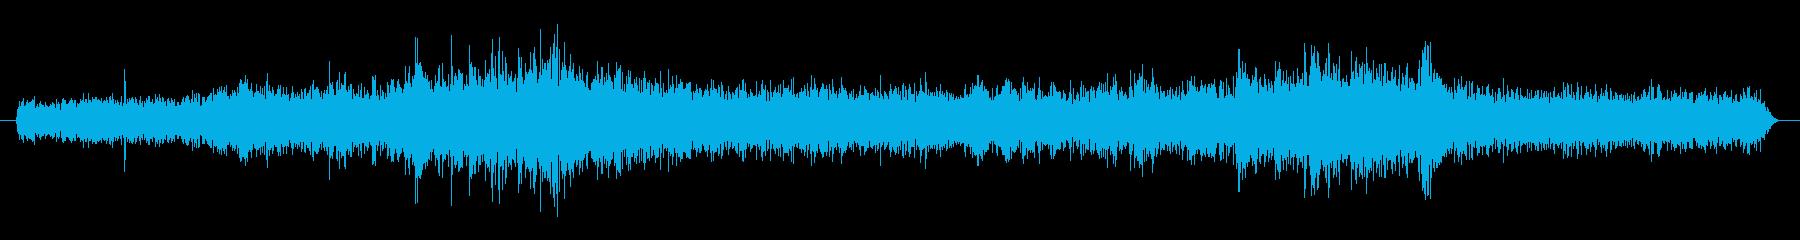 地下鉄車内の音 生録音の再生済みの波形